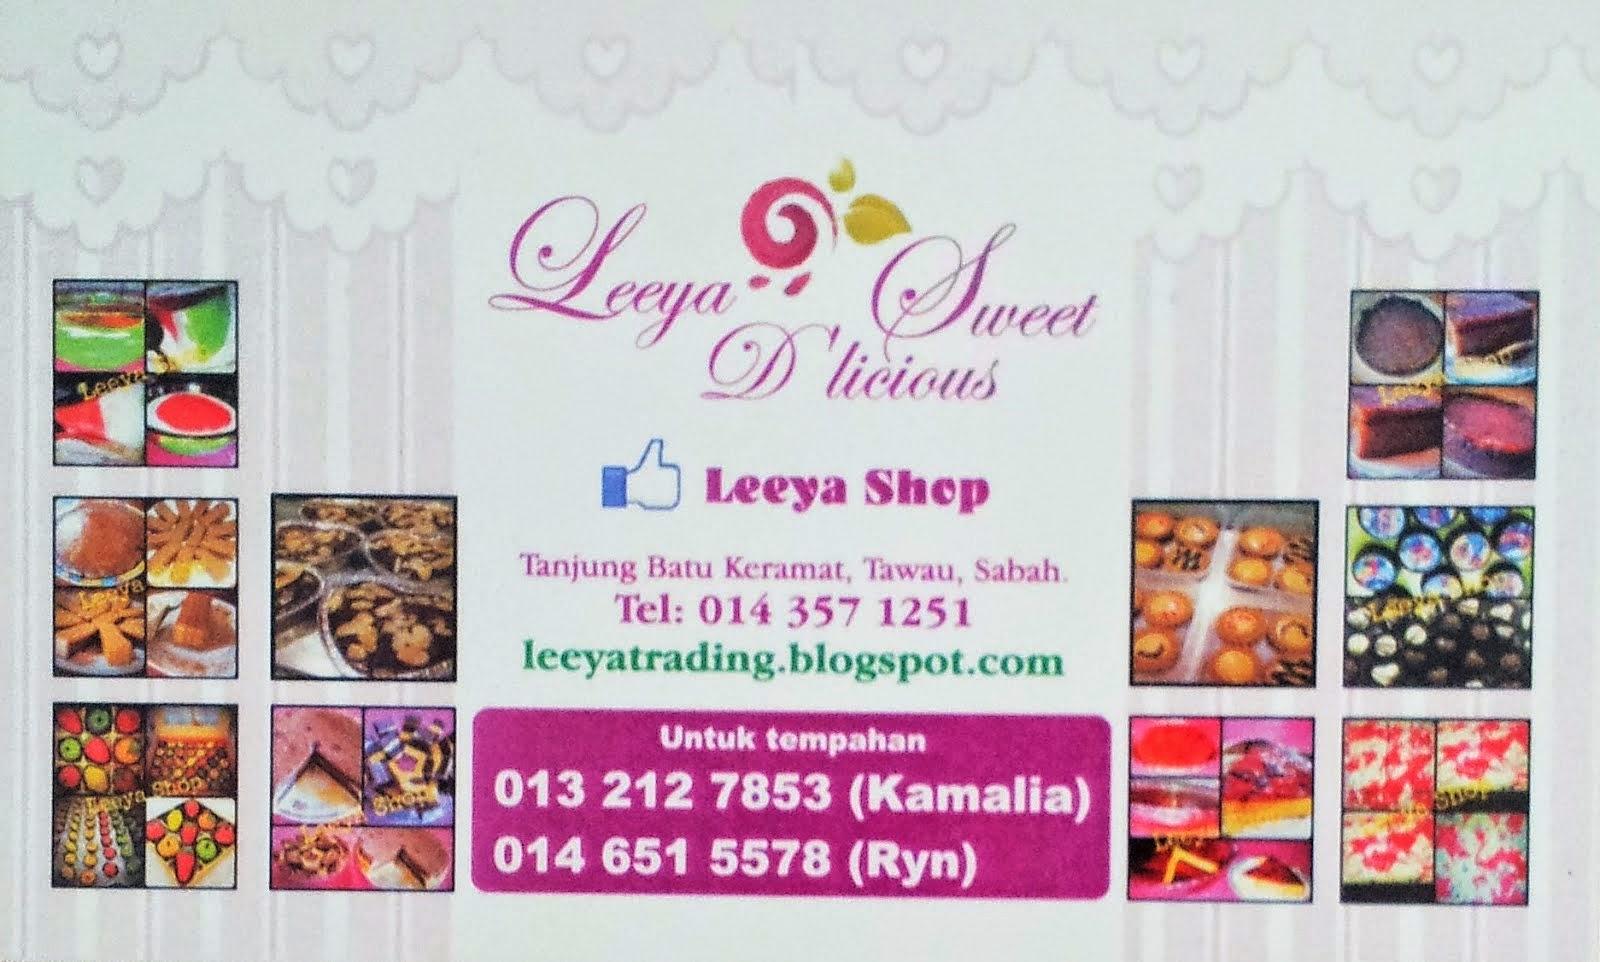 Leeya Sweet D'licious